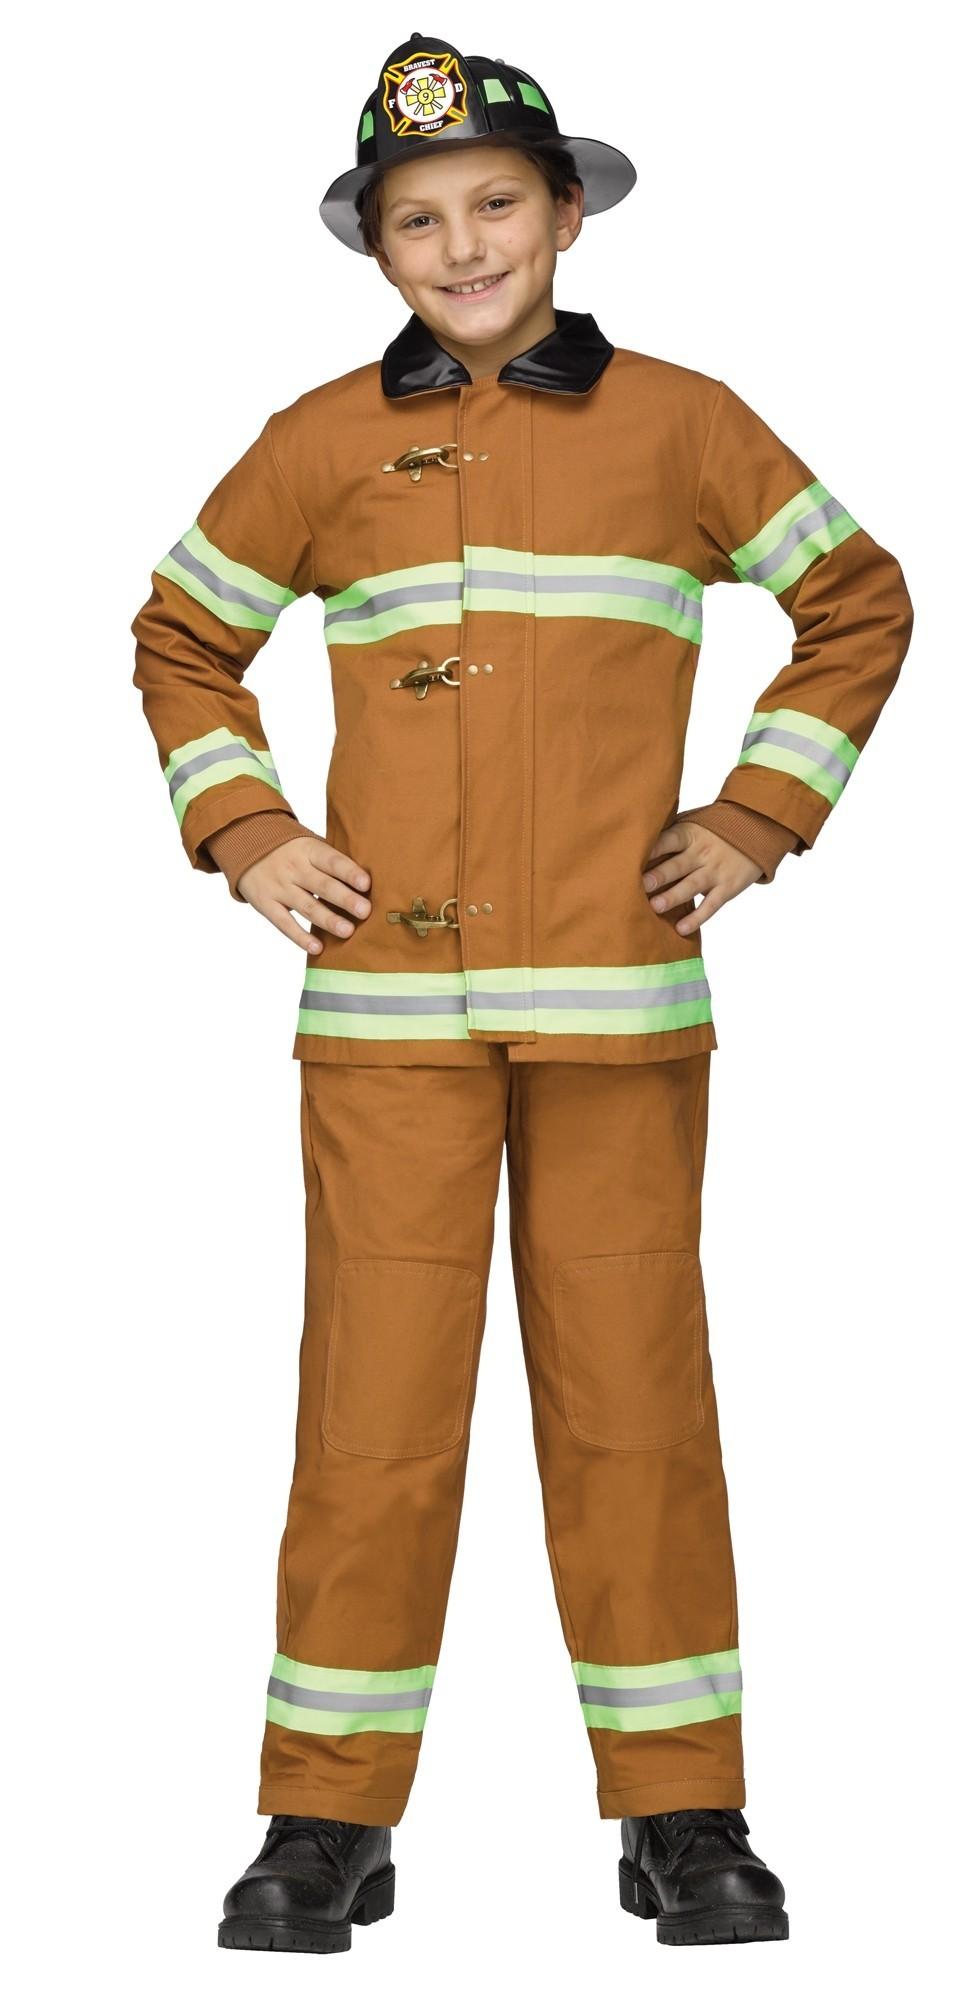 спецодежда пожарника фото подписать всем